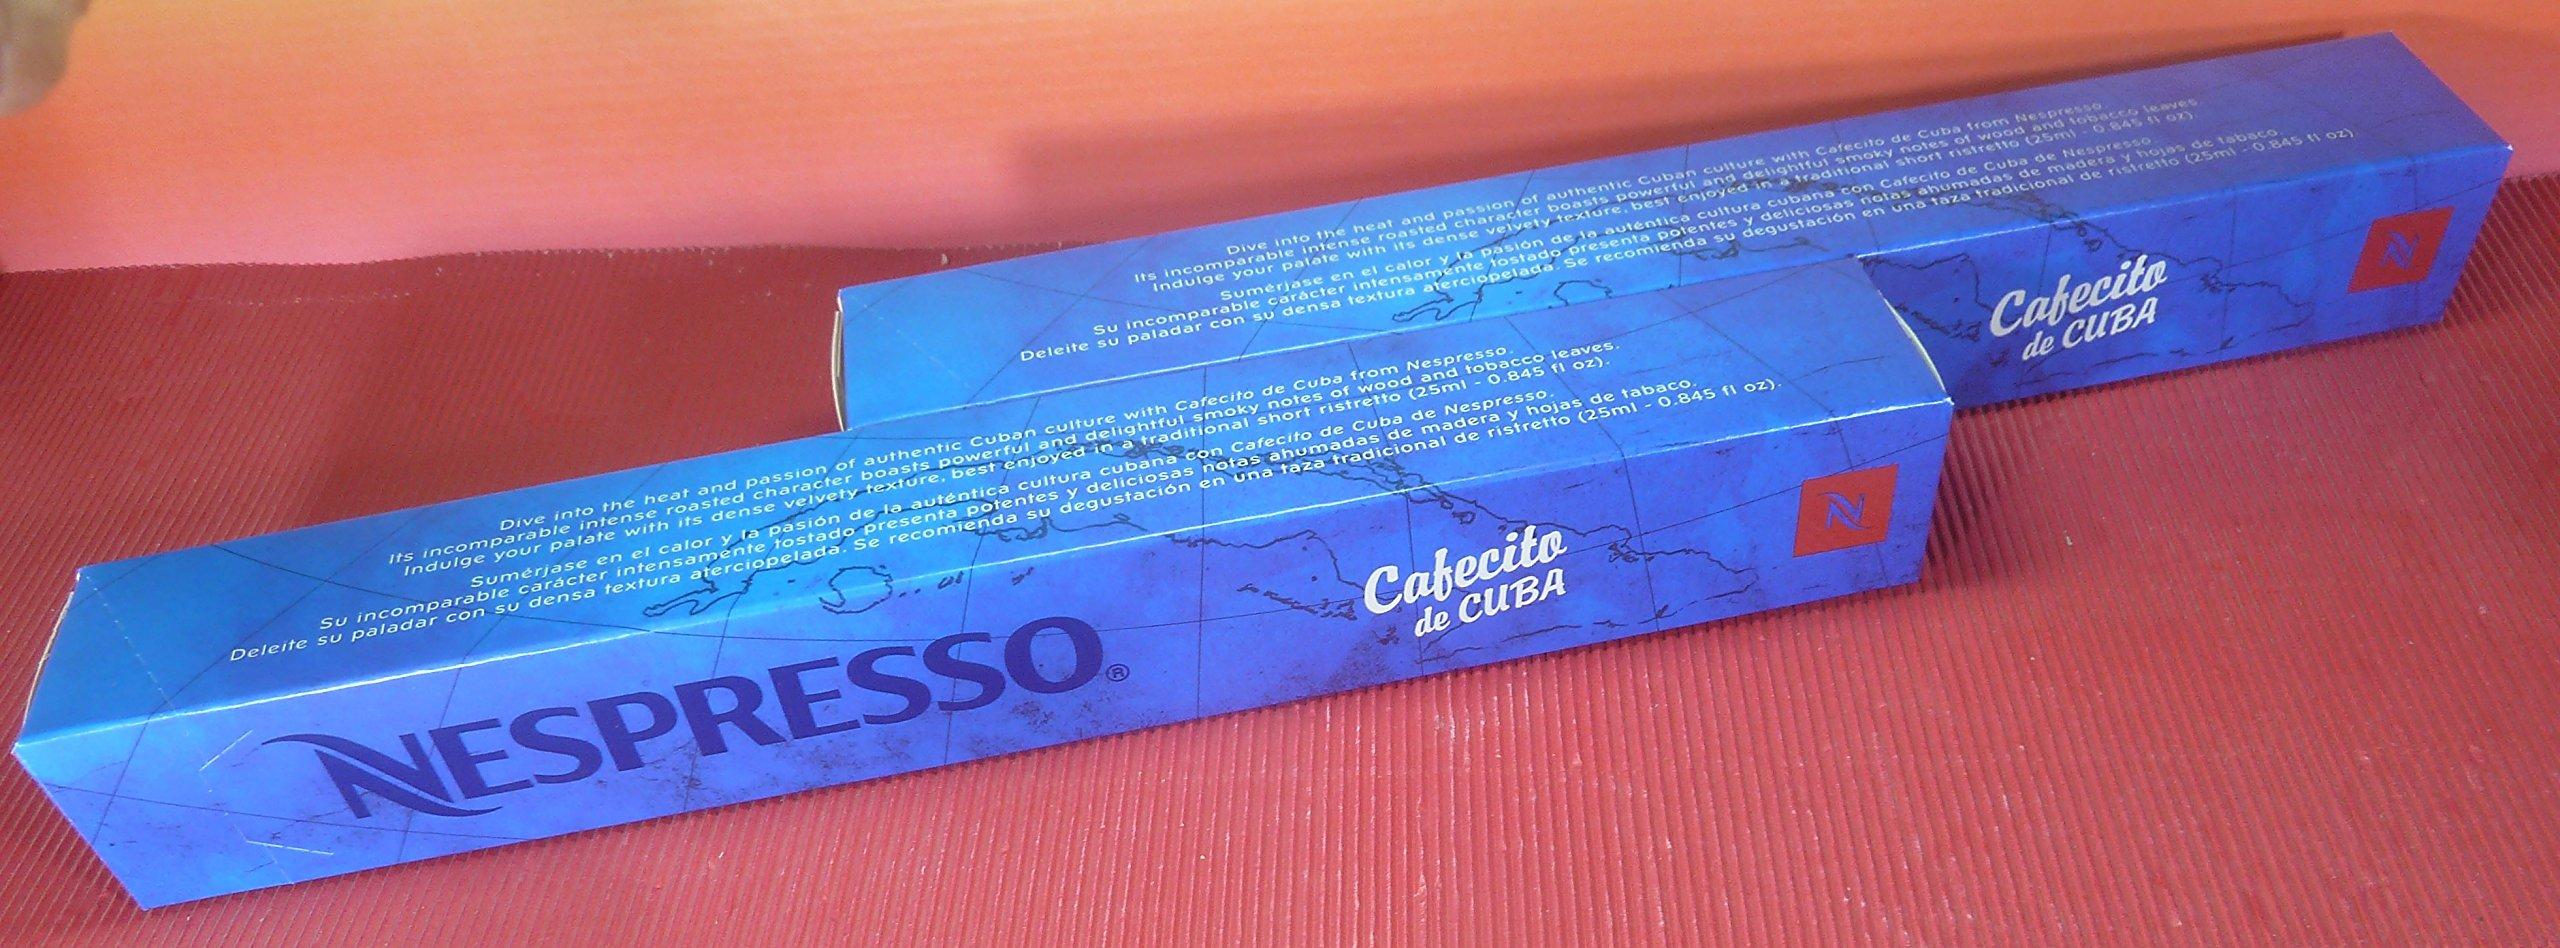 NESPRESSO CAFECITO DE CUBA 2 SLEEVES INTENSITY 10,FRESH by Nespresso (Image #1)